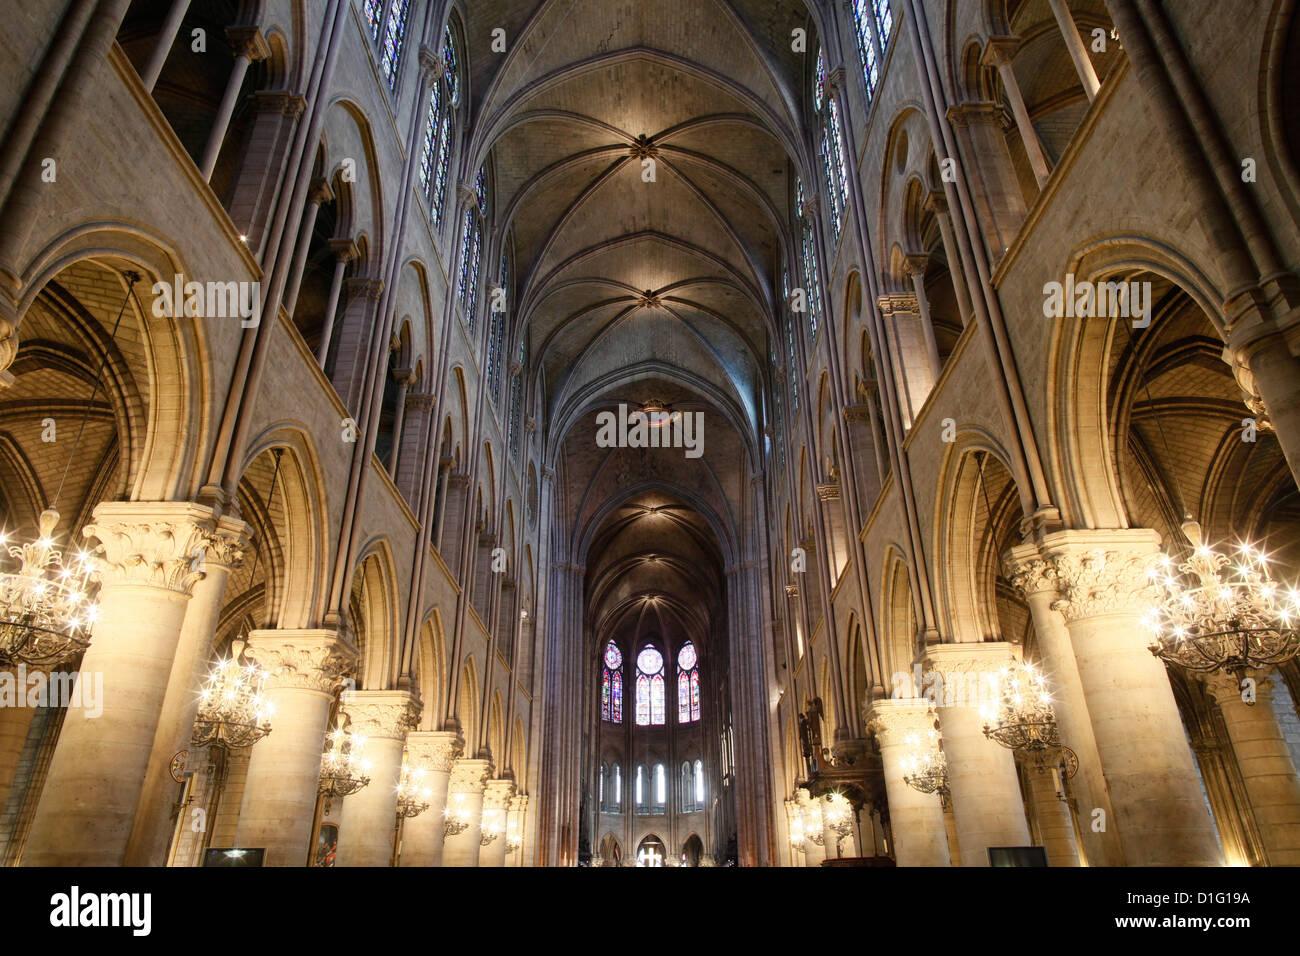 Nave, Notre-Dame de Paris cathedral, Paris, France, Europe - Stock Image